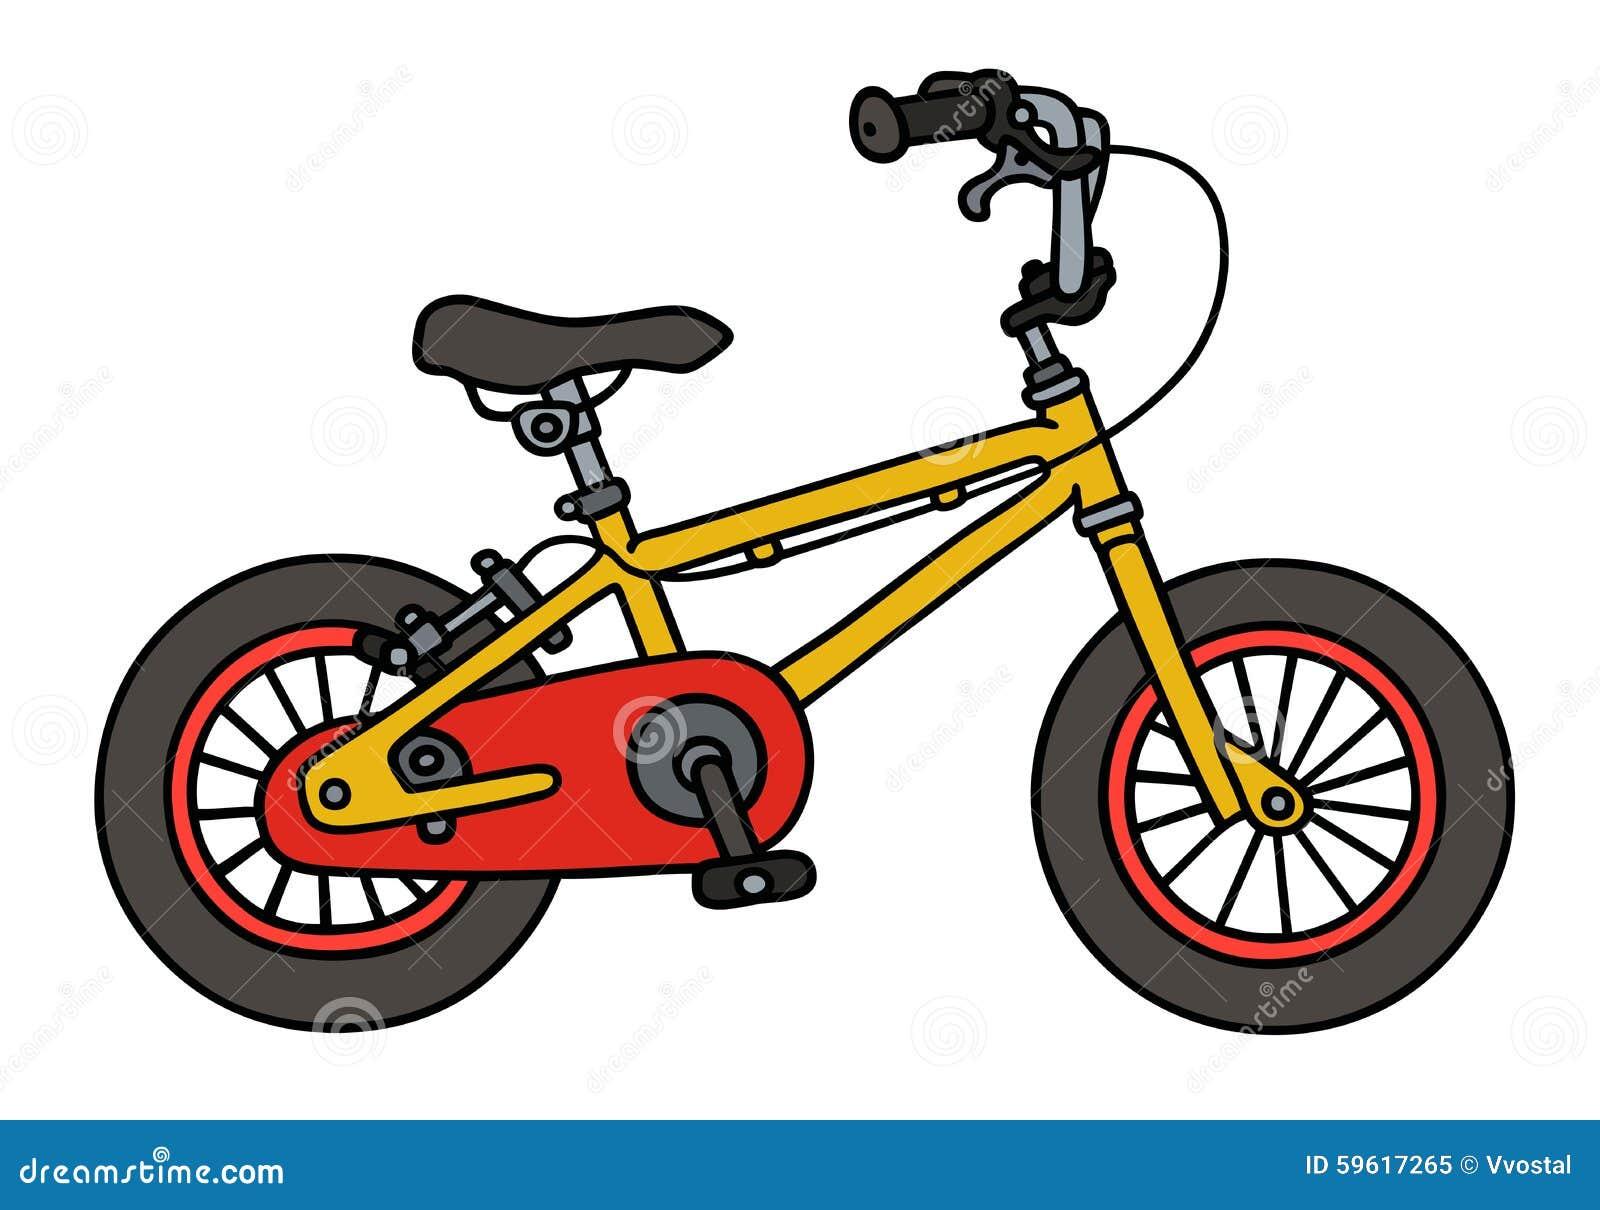 Yellow Child Bike Stock Vector - Image: 59617265